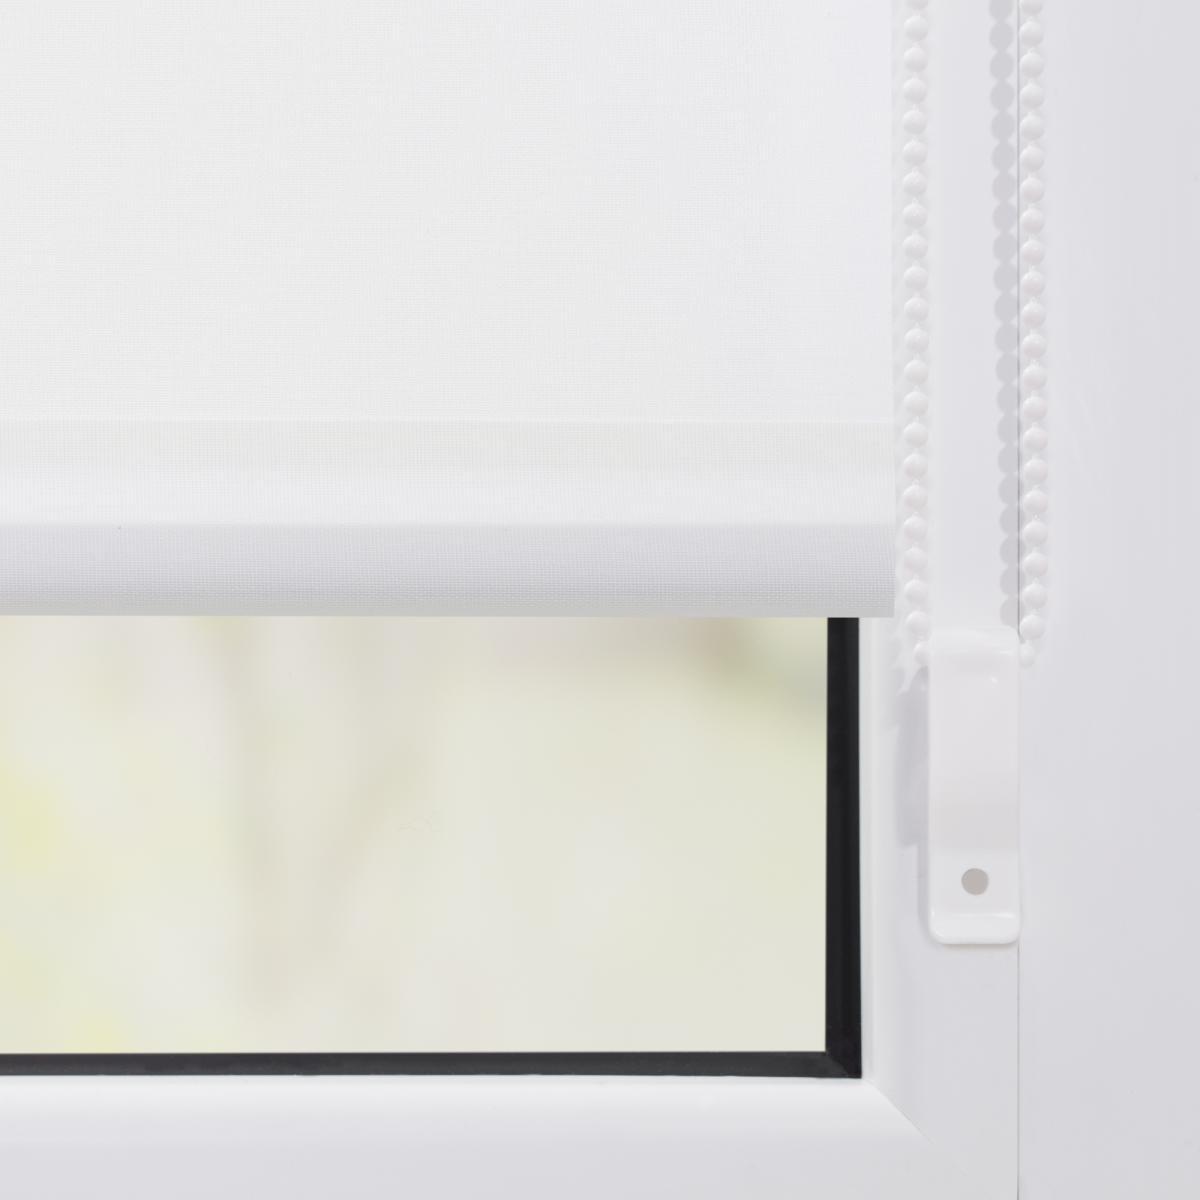 Bild 5 von Lichtblick Rollo Klemmfix, ohne Bohren, blickdicht, Kirschen - Rot, 60 x 150 cm (B x L)